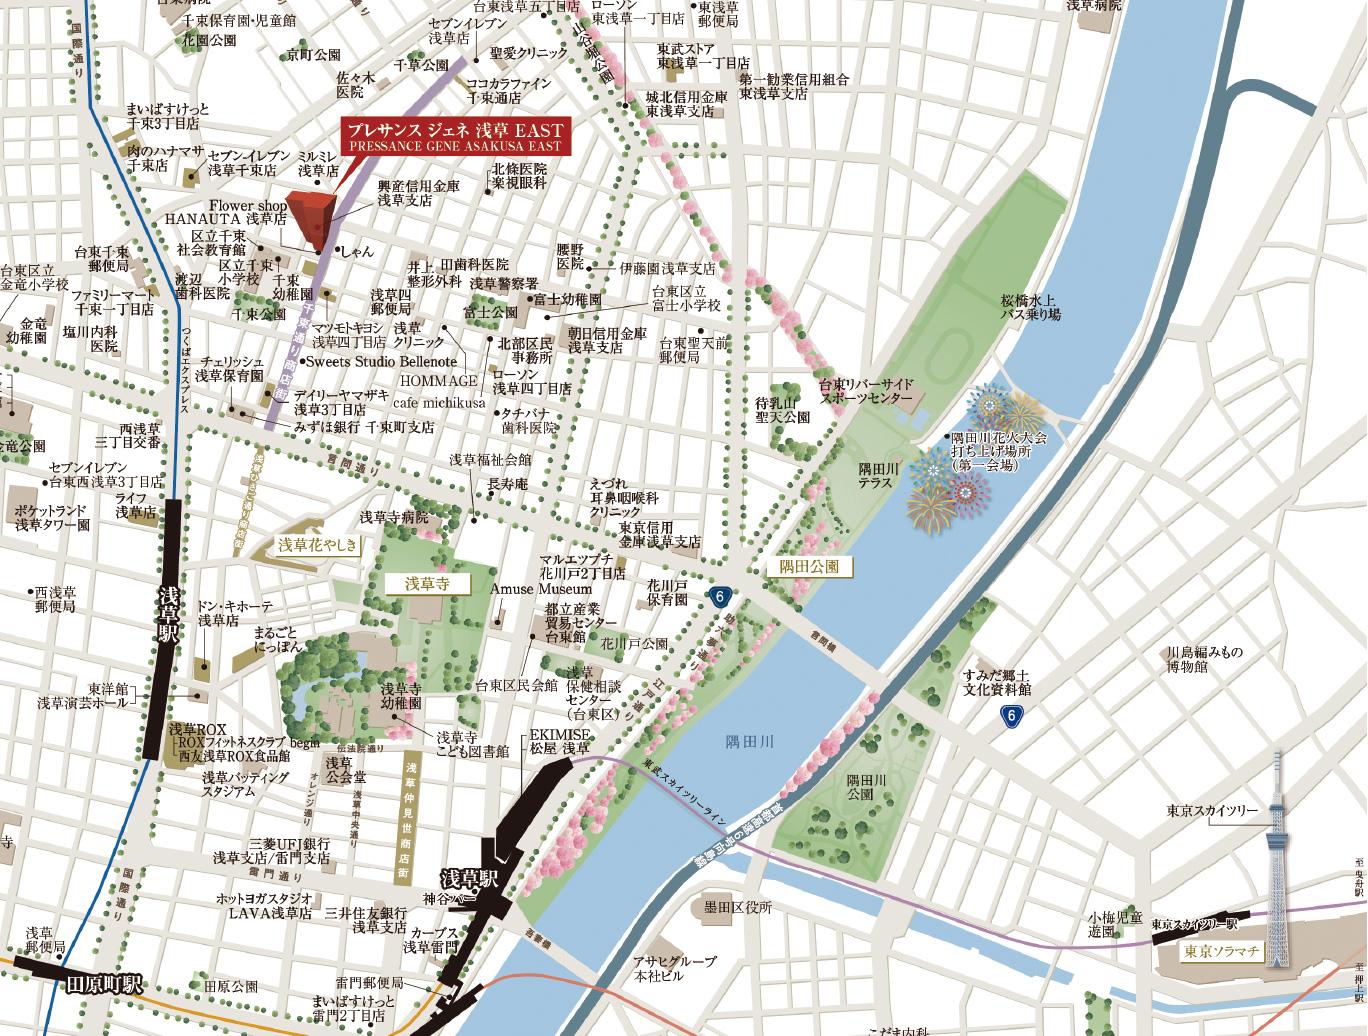 隅田川エリアマップ